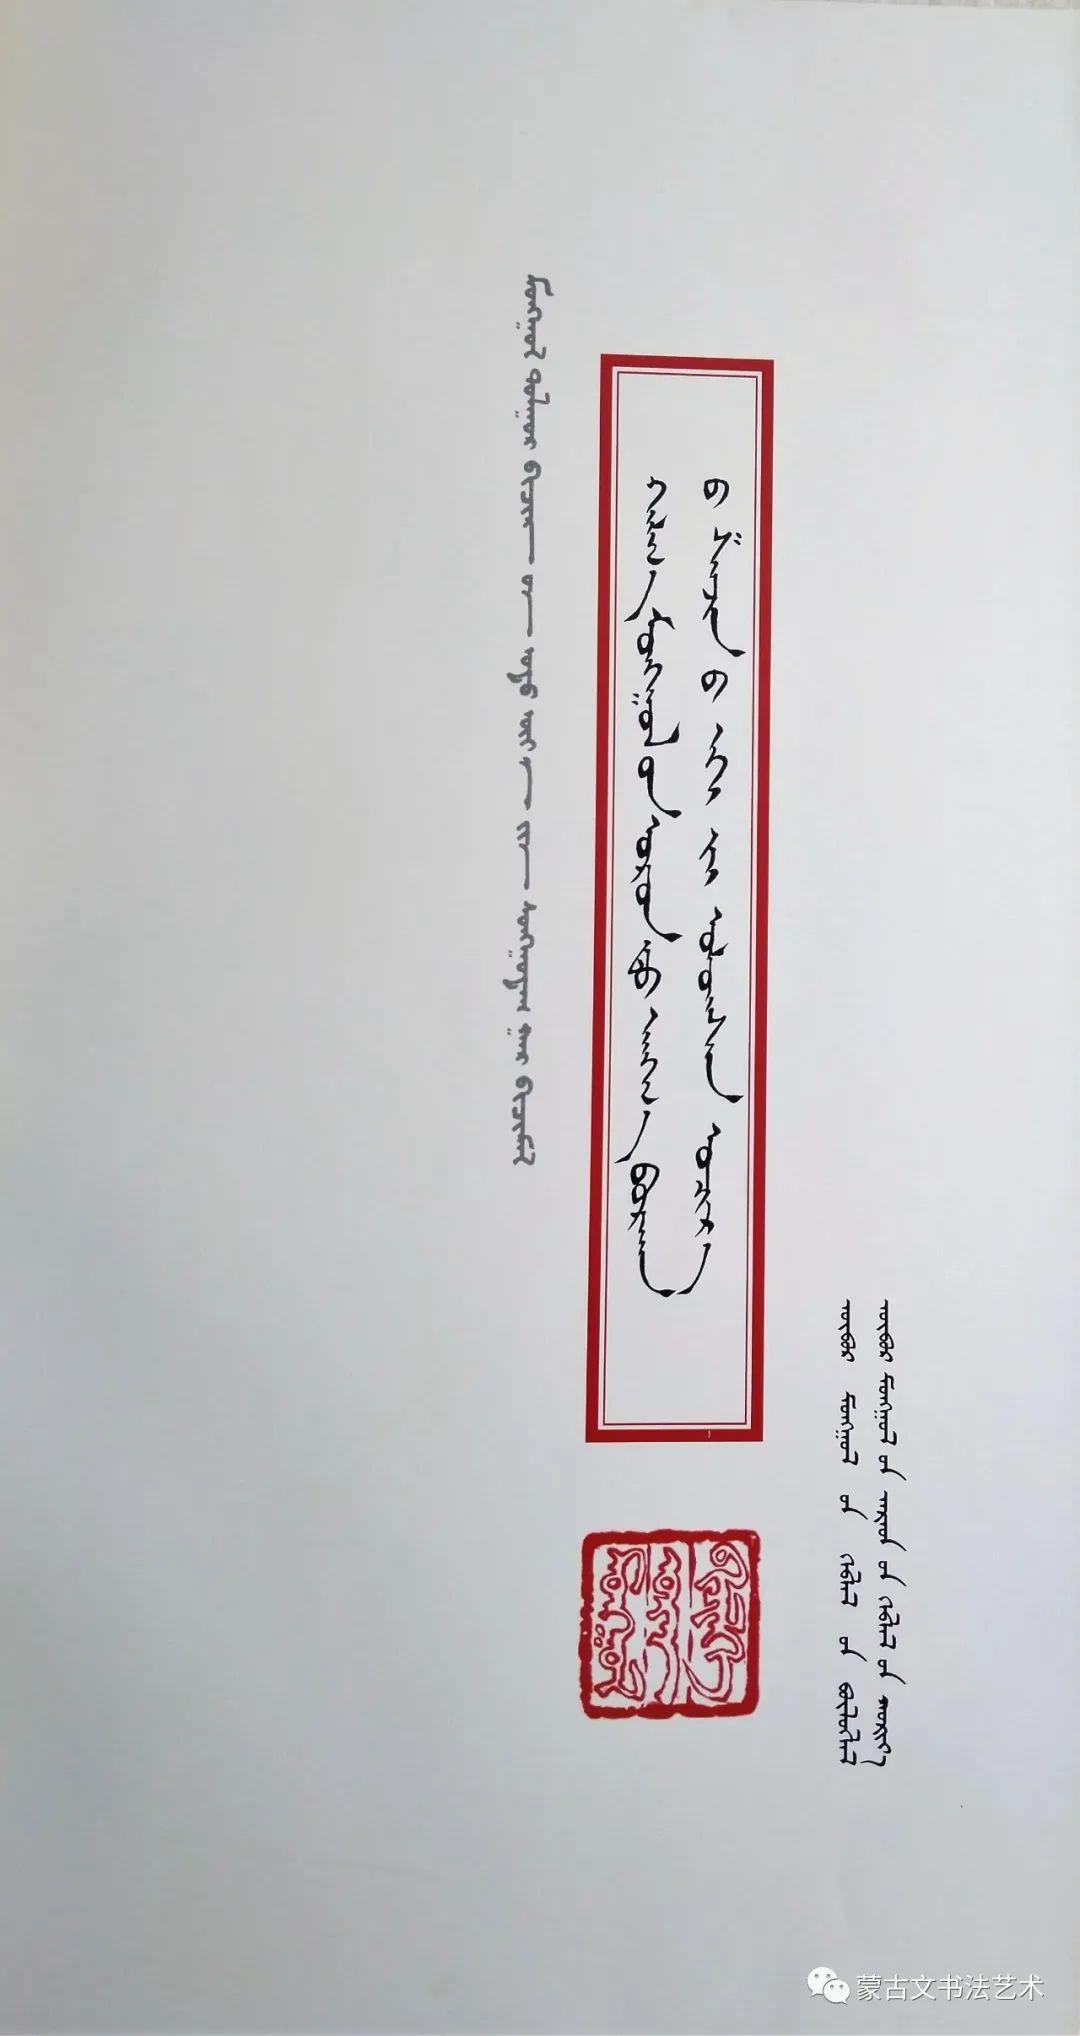 蒙古文经典文献当代书法名家手抄本之苏娃迪《喀尔喀传教史》 第4张